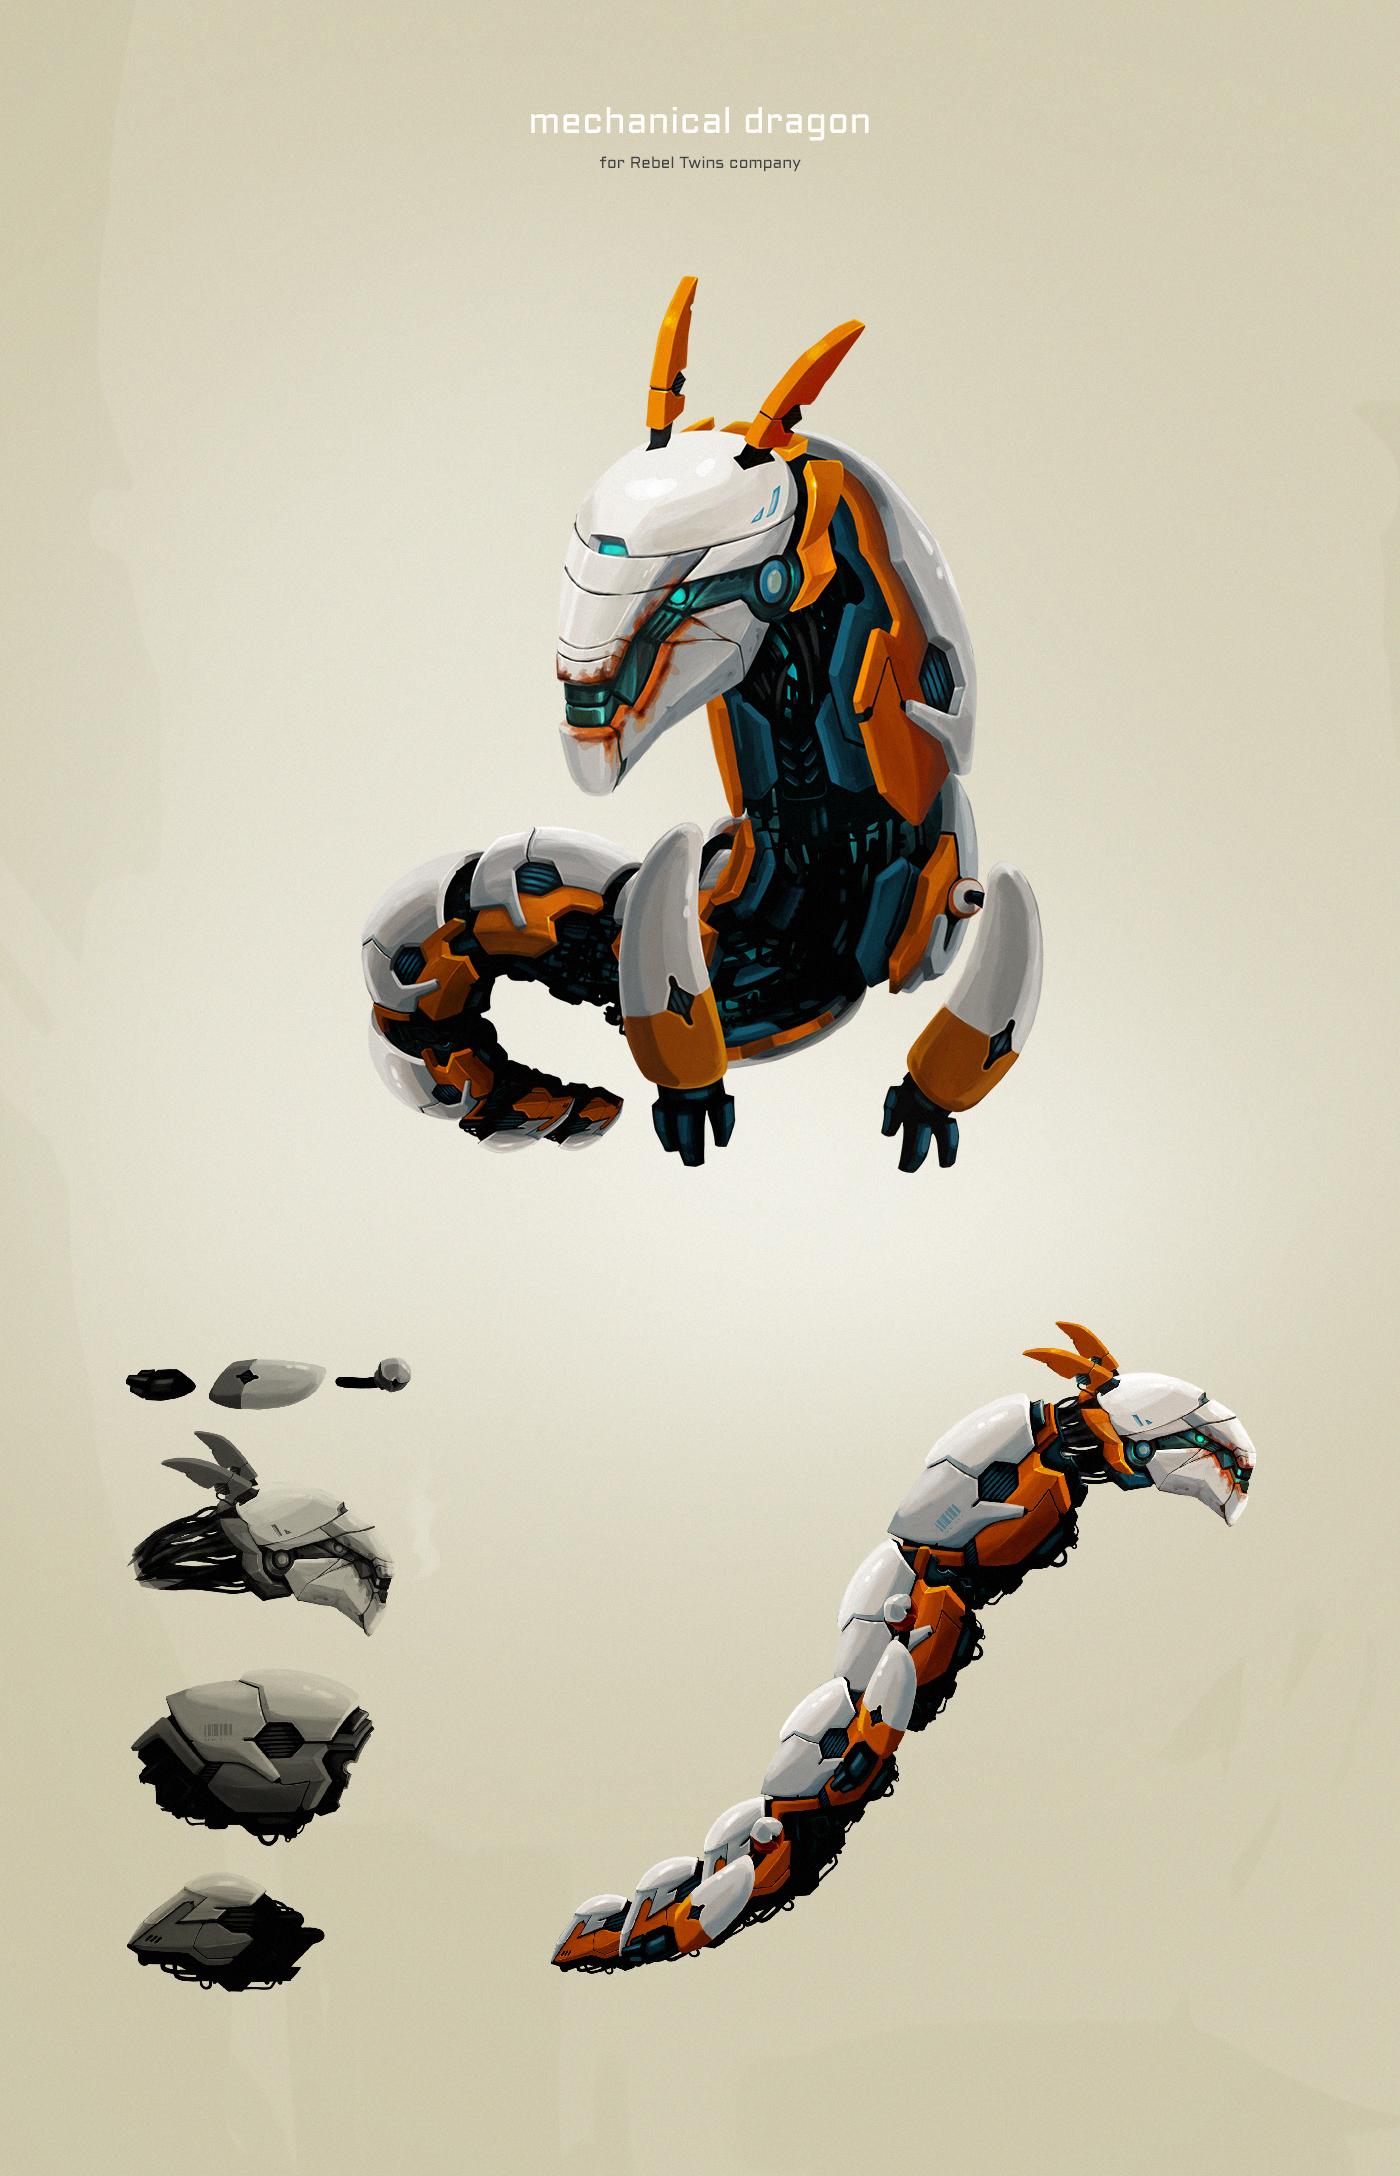 mech-dragon-2_p